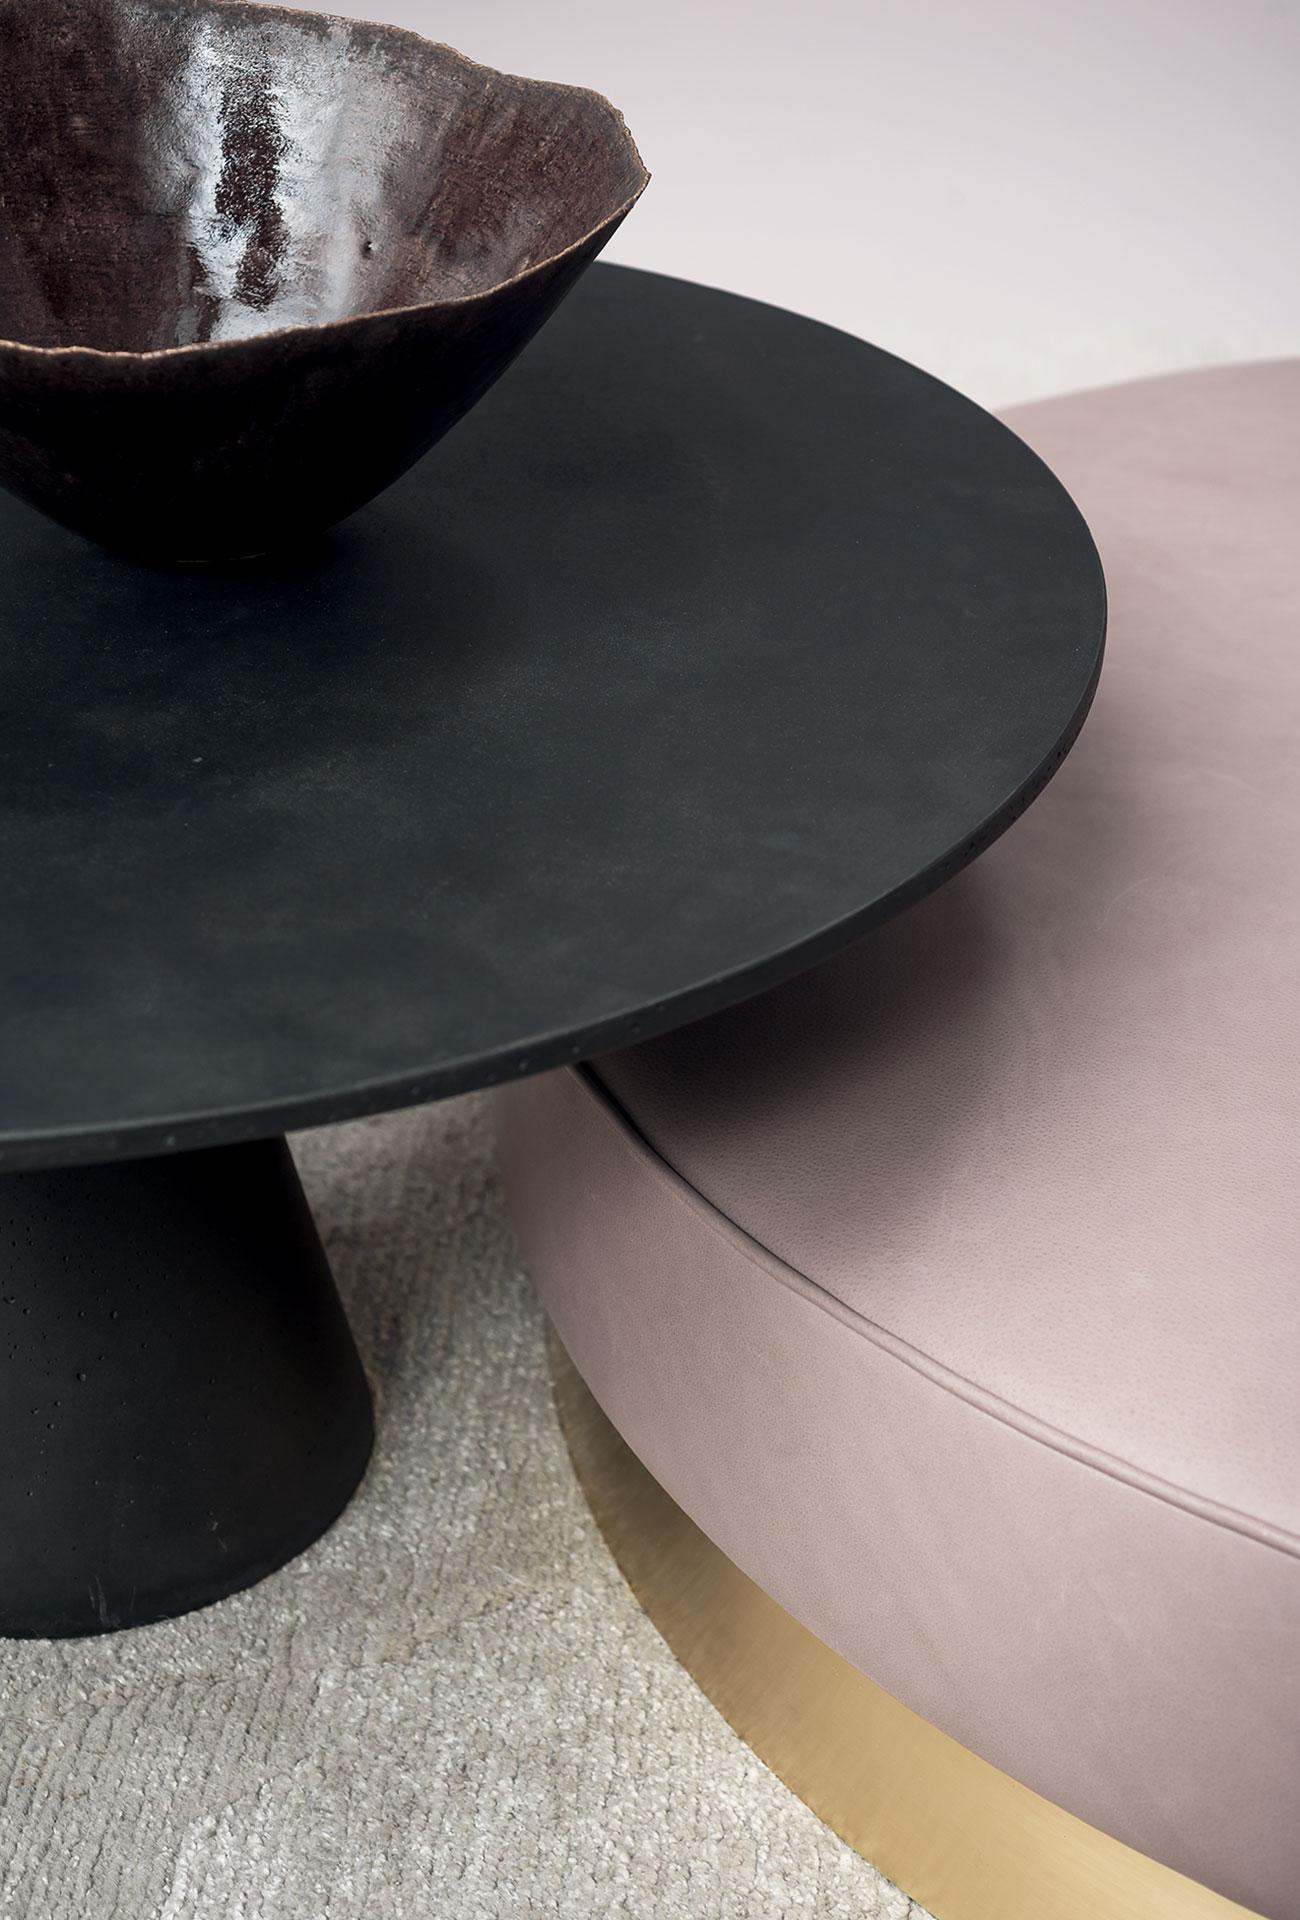 Graniglia Di Marmo Nero.Agglomerato Di Cemento Grigio Antracite Con Graniglia Di